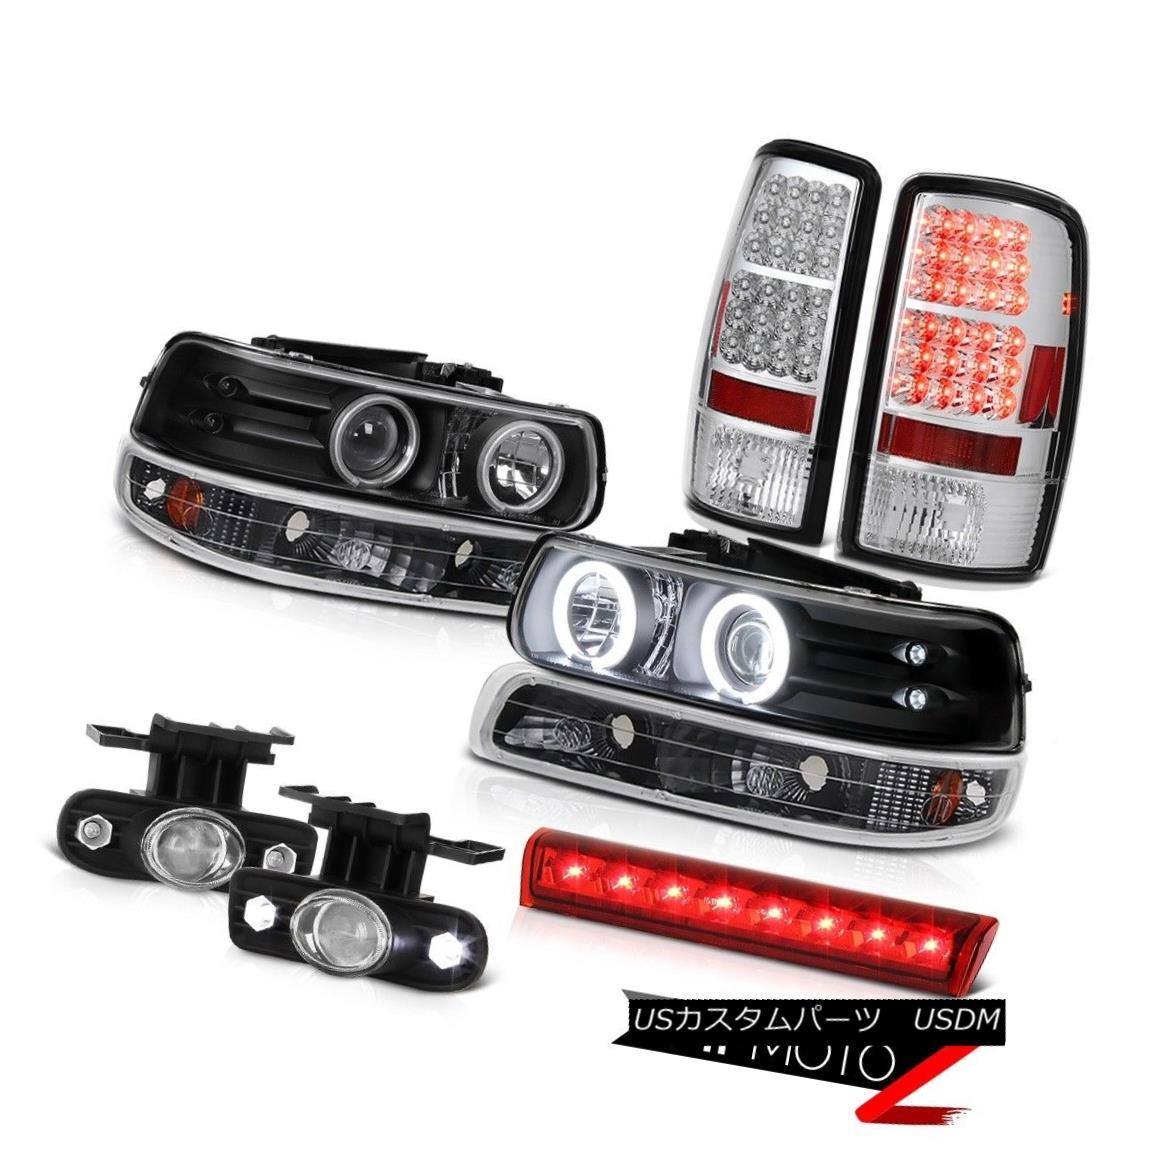 ヘッドライト 2000-2006 Chevy Tahoe 4X4 Third brake light foglamps rear lamps signal Headlamps 2000-2006シボレータホ4X4第3ブレーキライトフォグランプリア・ランプ信号ヘッドランプ